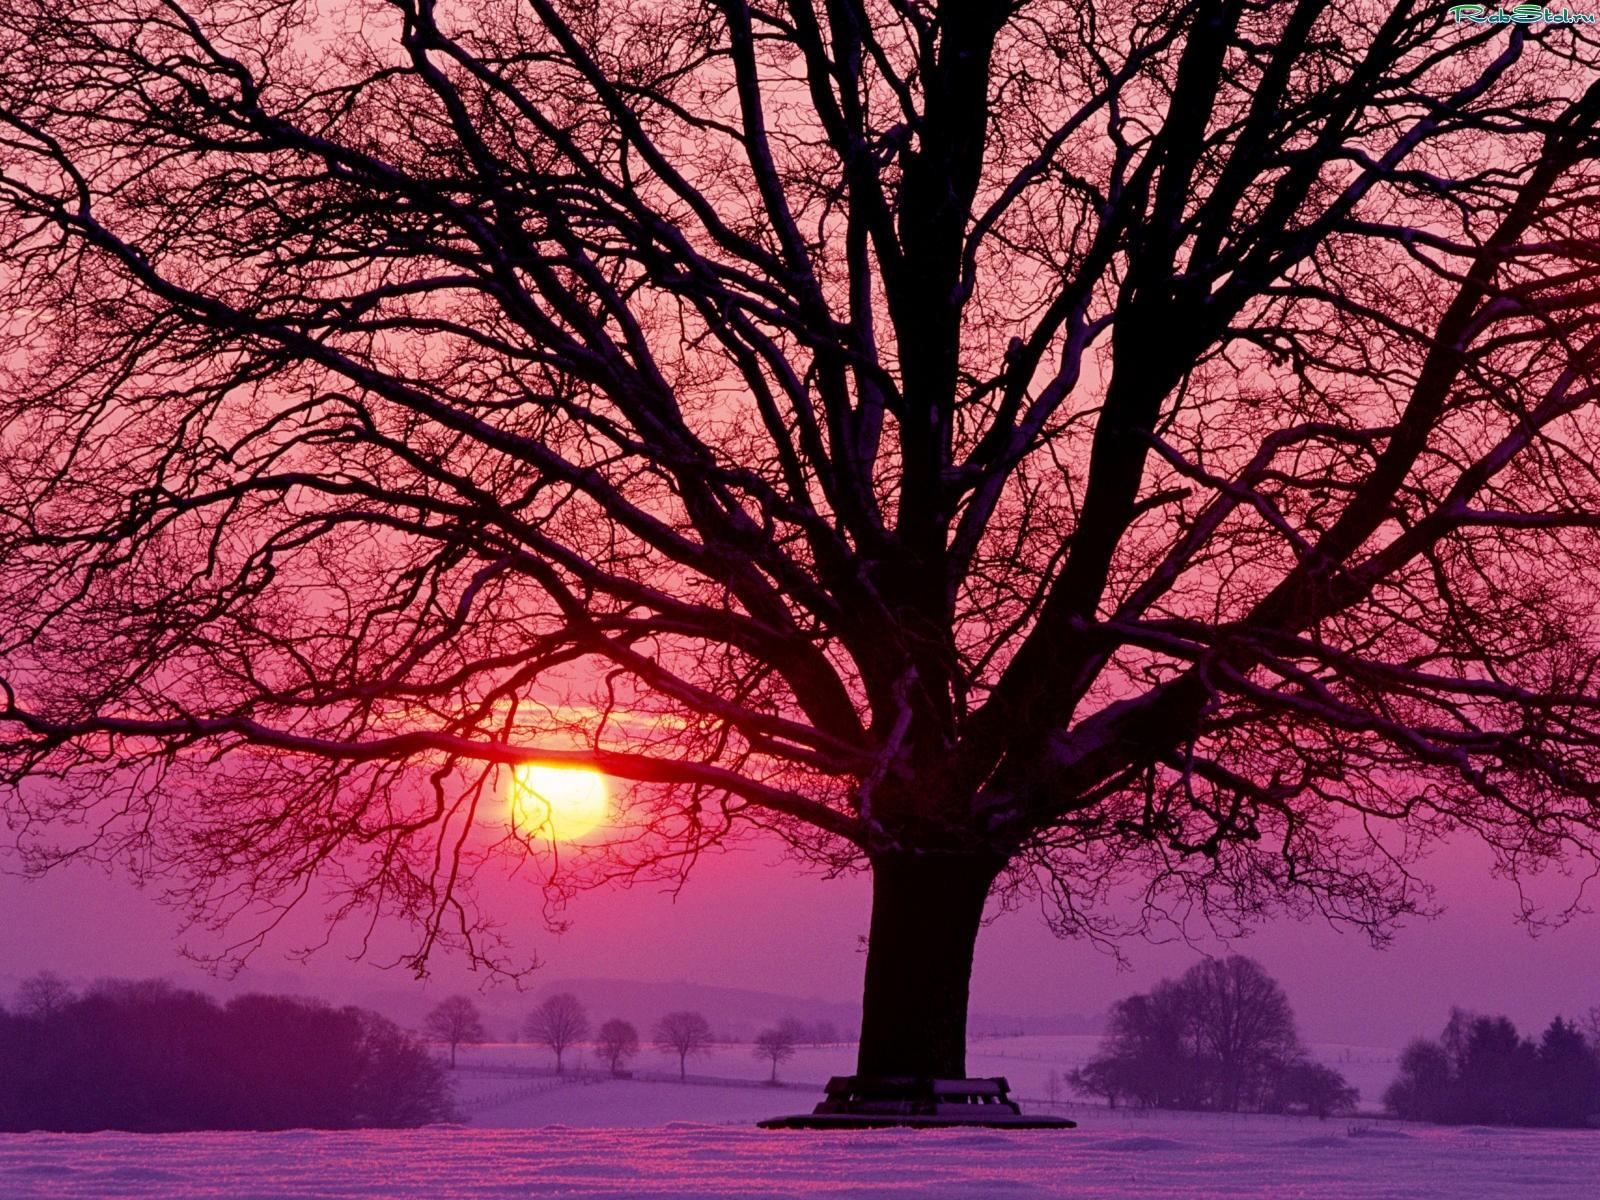 зимний закат фото